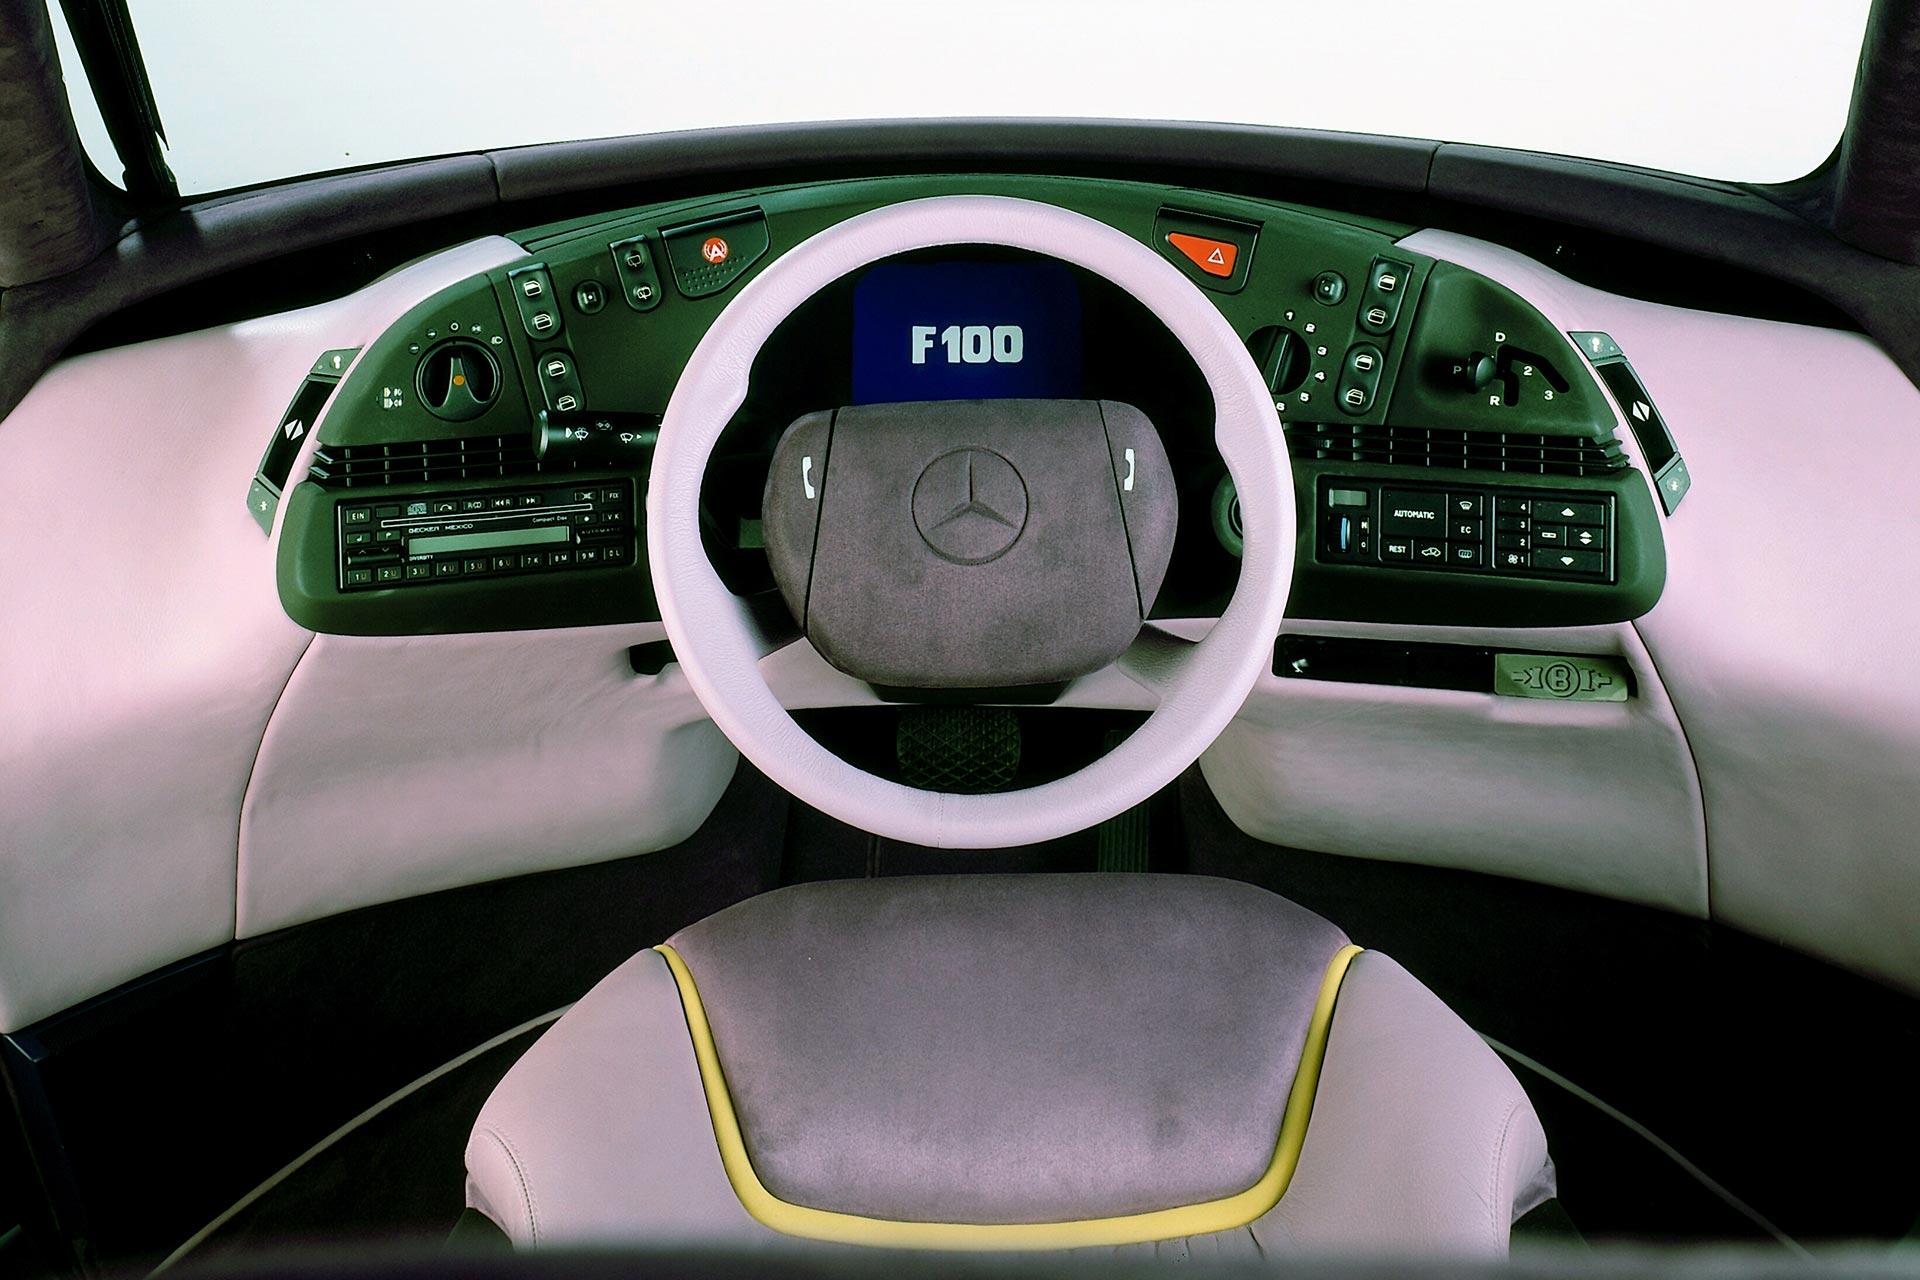 Mercedes-Benz Forschungsfahrzeug F 100 aus dem Jahr 1991. Eine seiner Innovationen: das Zentralinstrument mit Farbbildschirm. Hier erscheinen nicht nur Geschwindigkeits- oder Drehzahlwerte. Der Monitor warnt zum Beispiel auch vor zu geringem Reifenluftdruck, vor Ölmangel oder erschöpftem Waschwasservorrat.